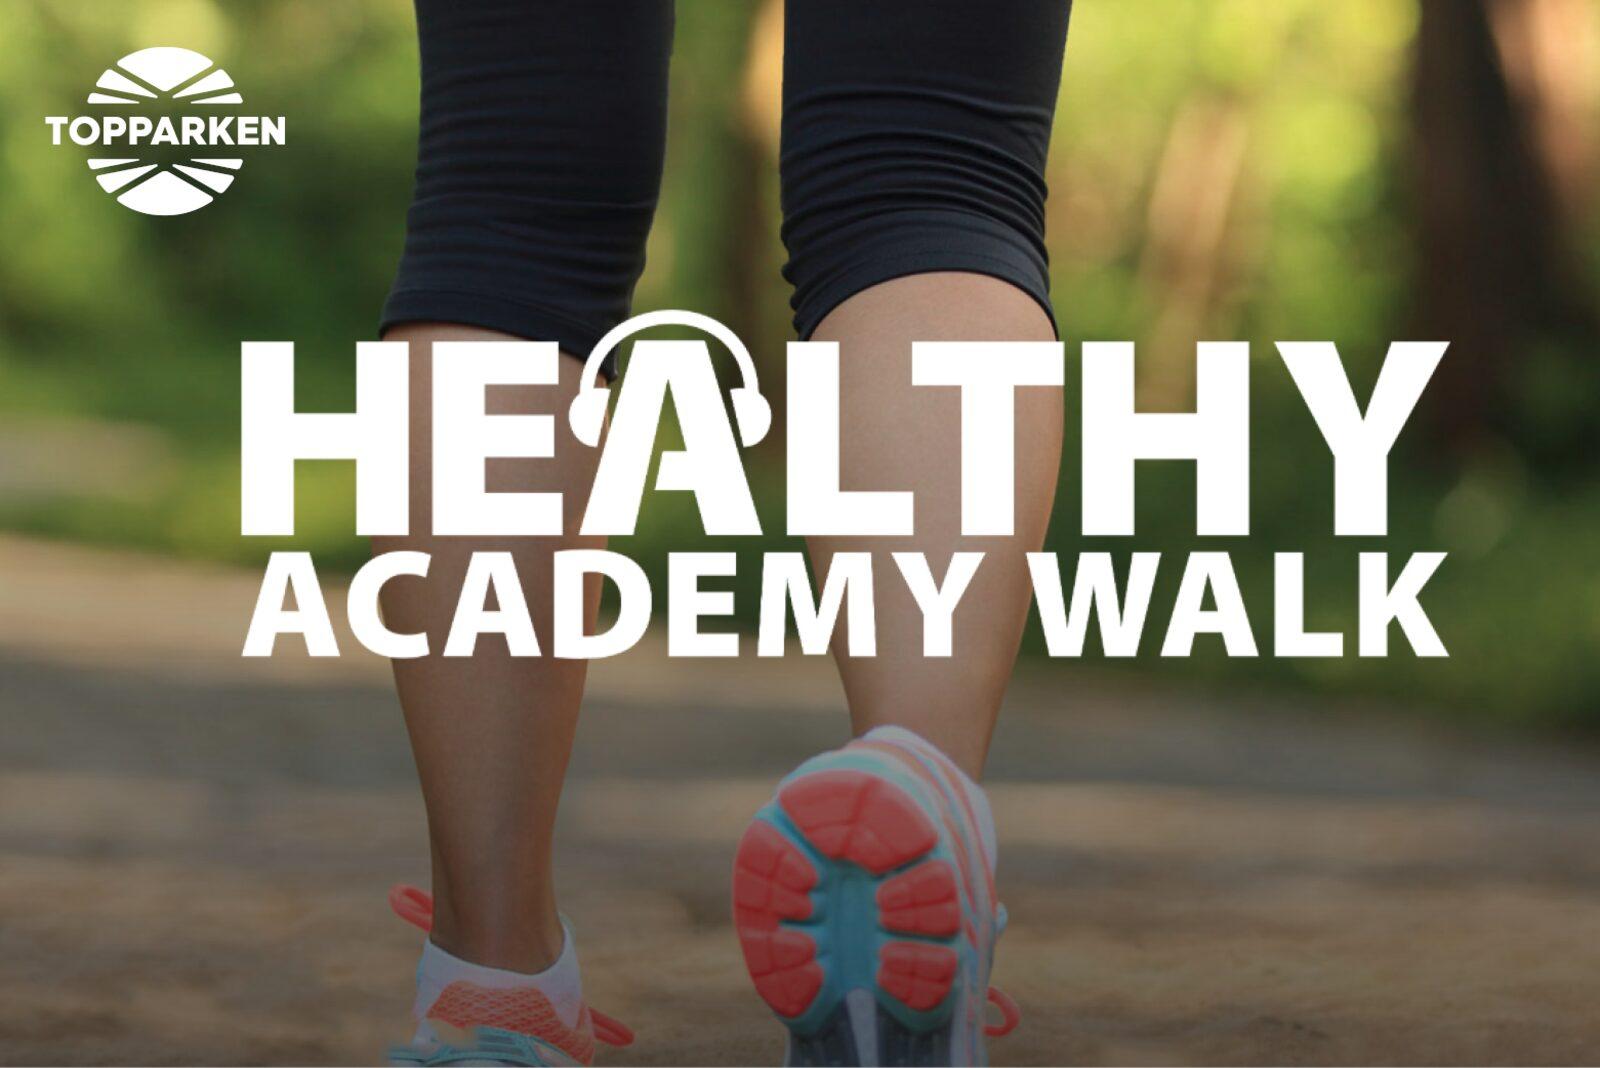 Healthy Academy Walk Noordwijk